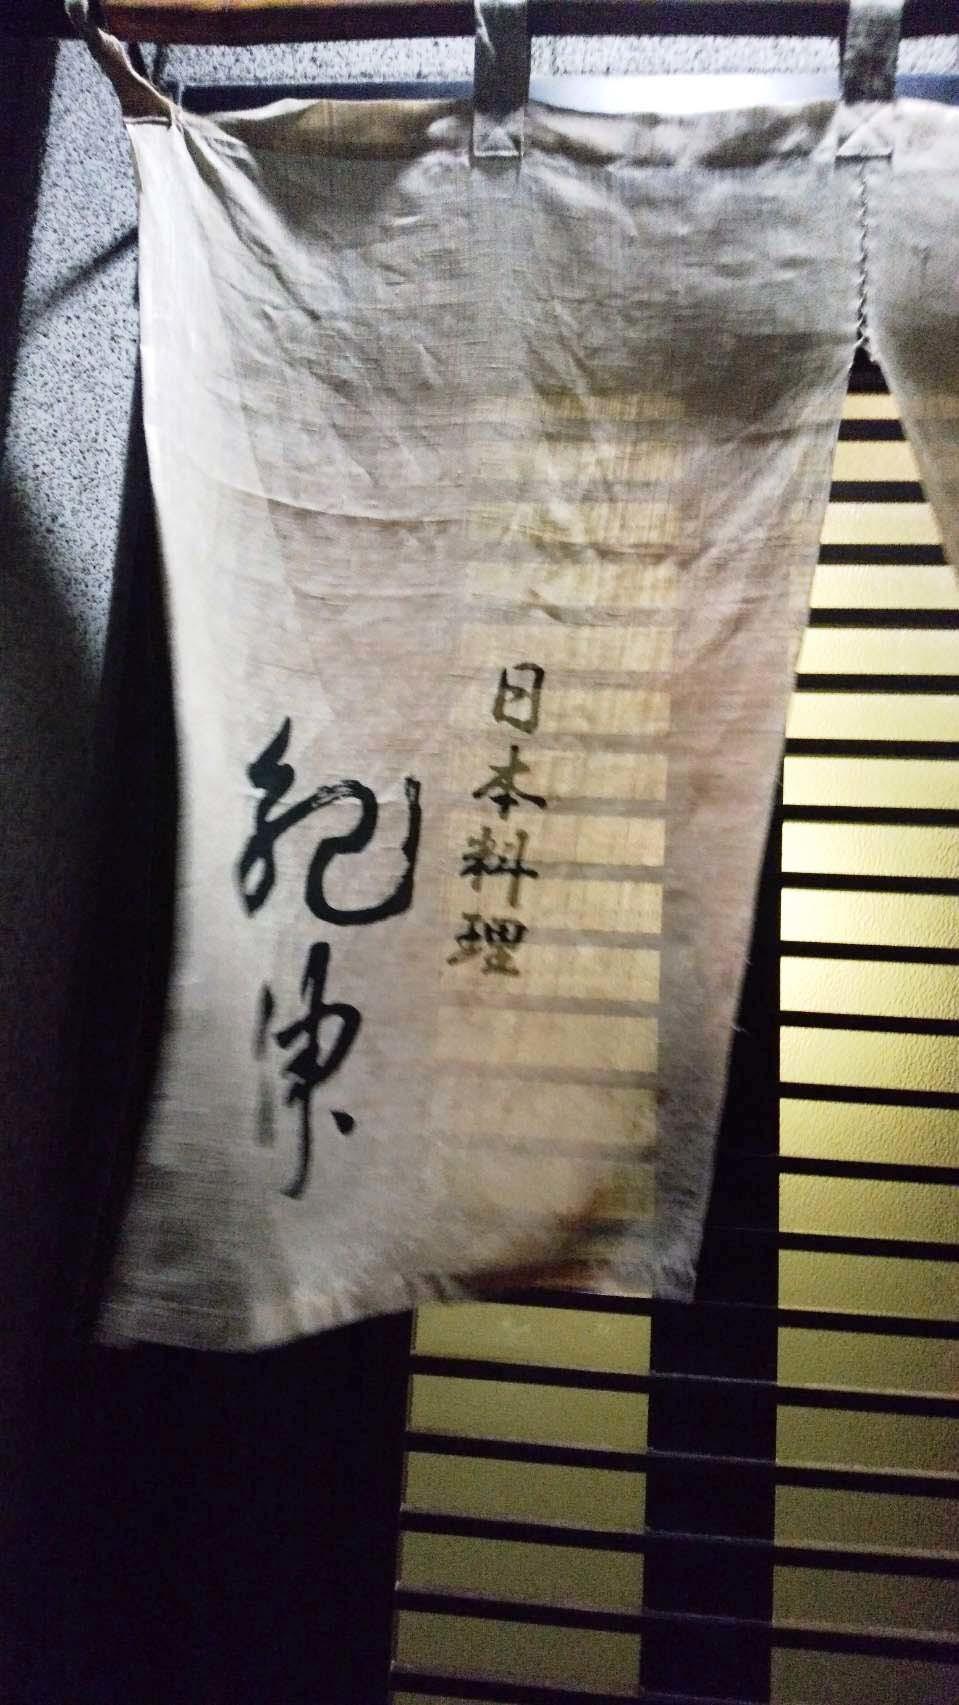 釧路の「紀伸」さんへ行きました! 北海道旅日記3_d0377645_00444061.jpg